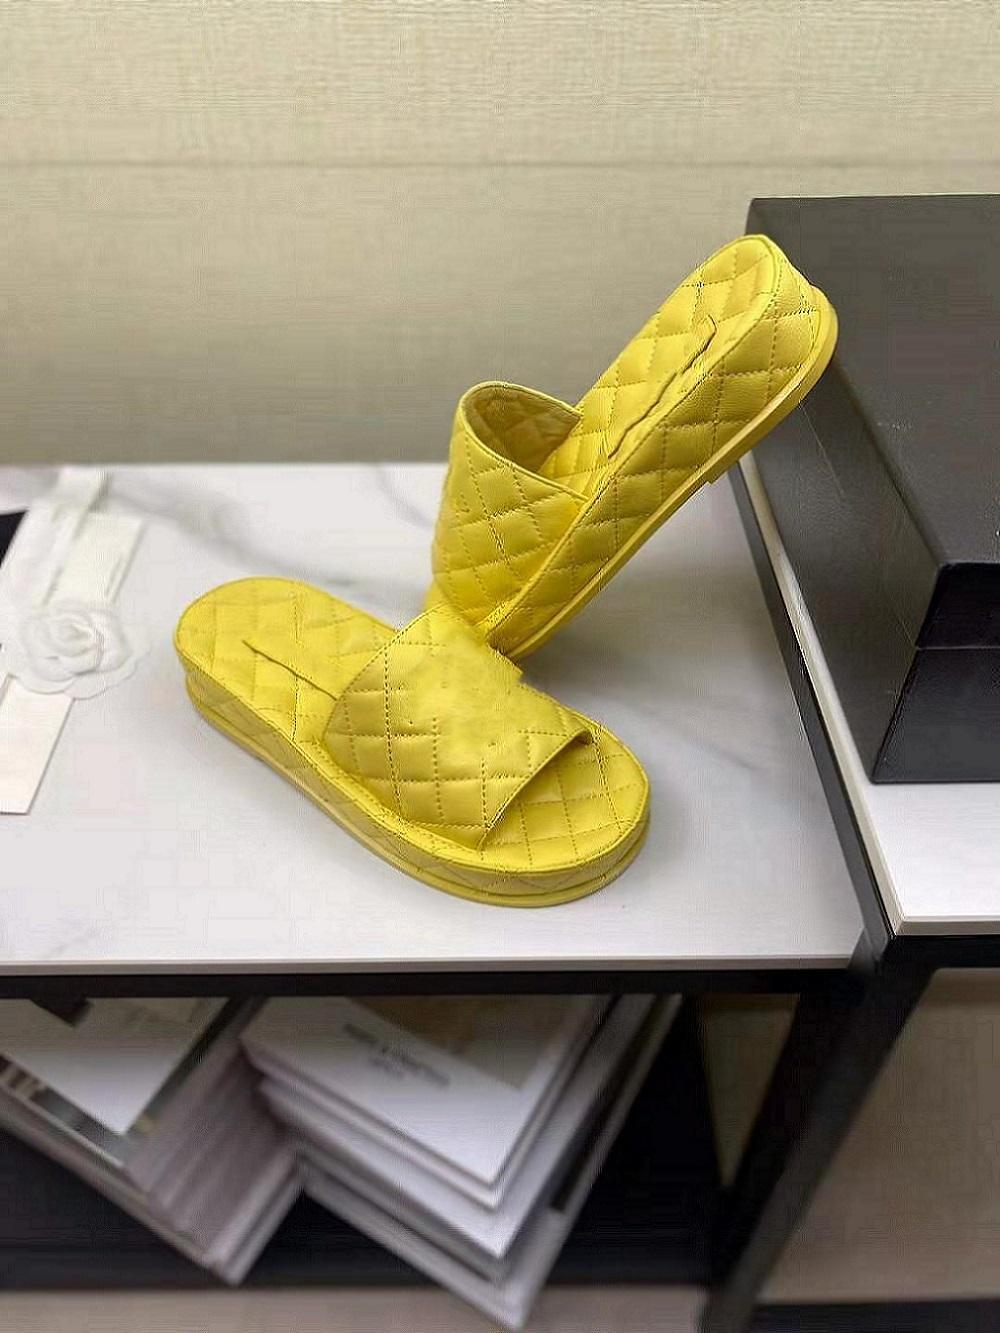 2021 Moda kalın tabanlı terlik Moda mizaç her türlü deri terlik elmas desen moda sandalet boyutu 35-40